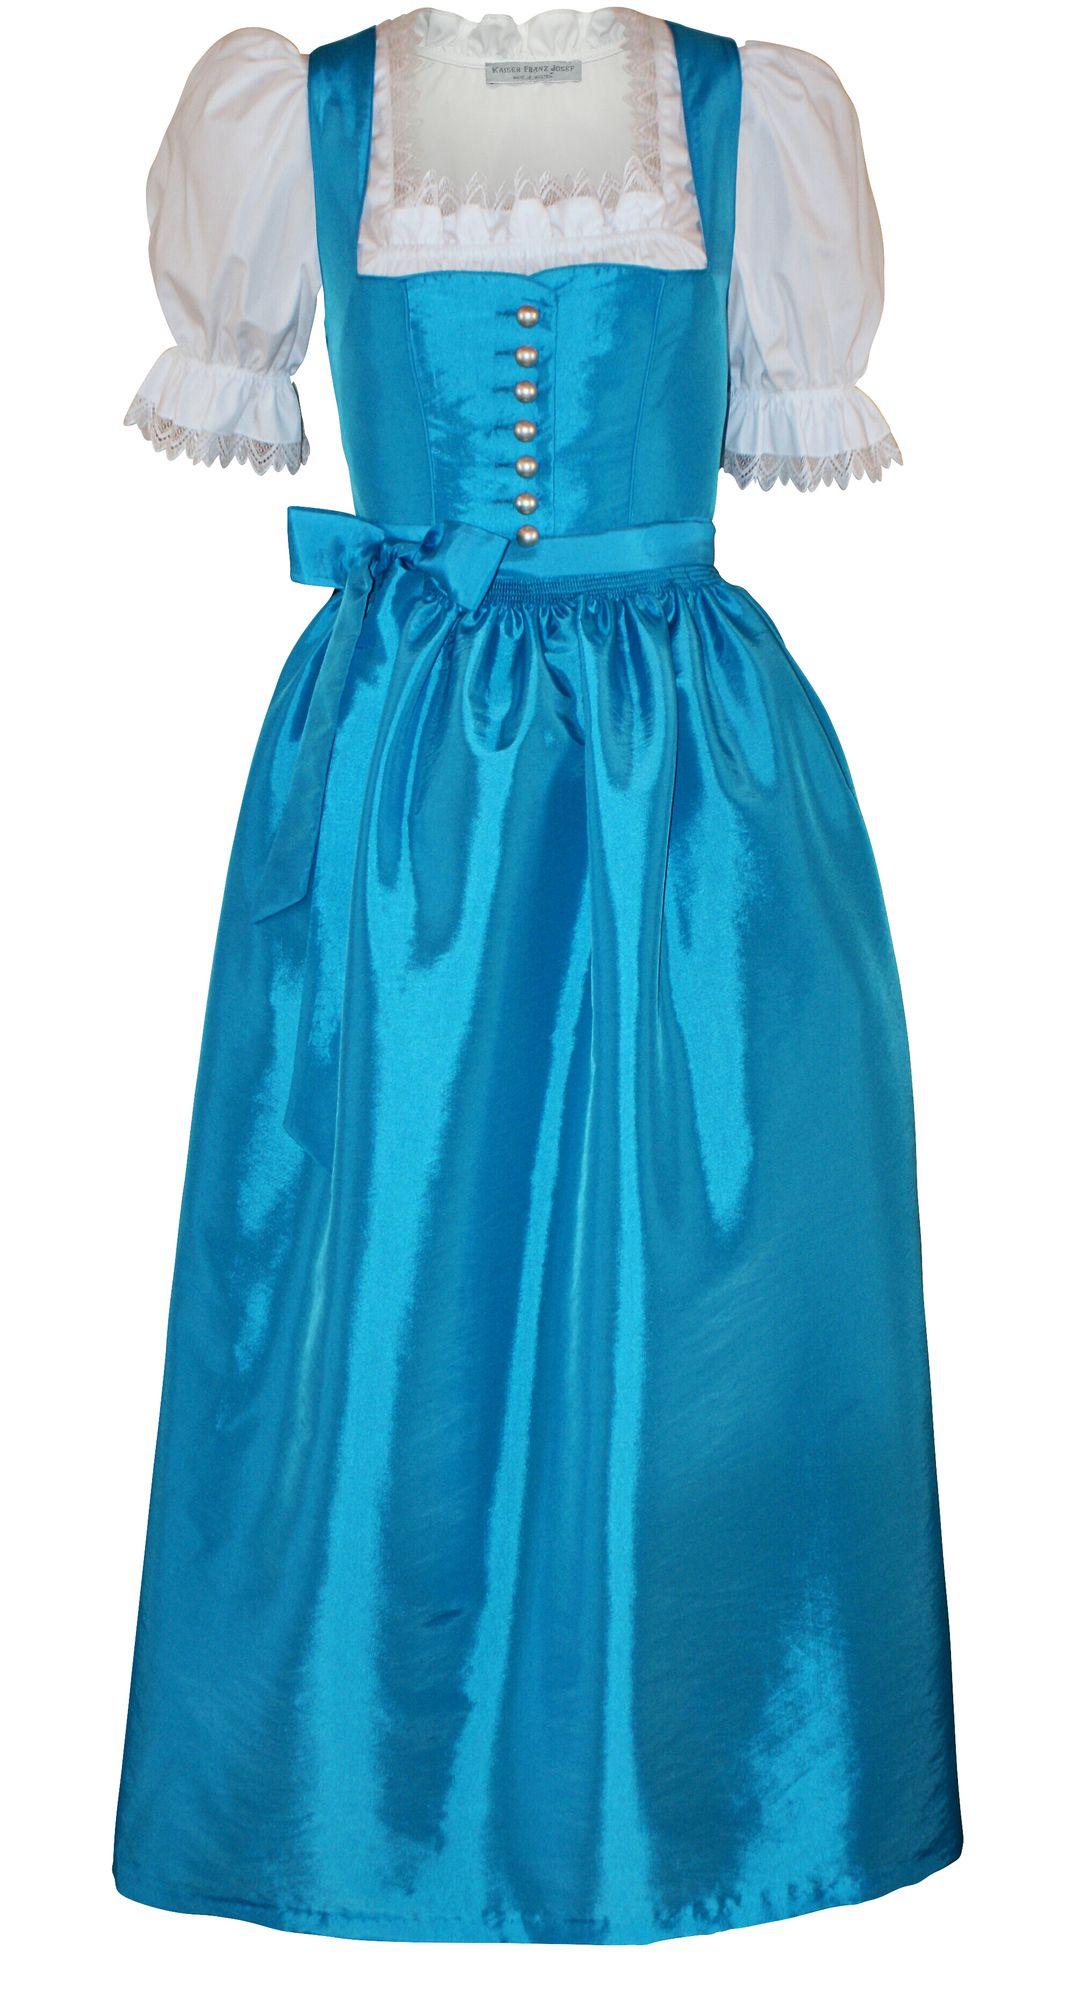 dirndl festtracht trachten-kleid trachtenkleid dirndlkleid ballkleid  türkis-blau | trachten-mayr kostenloser versand und rückversand für  deutschland